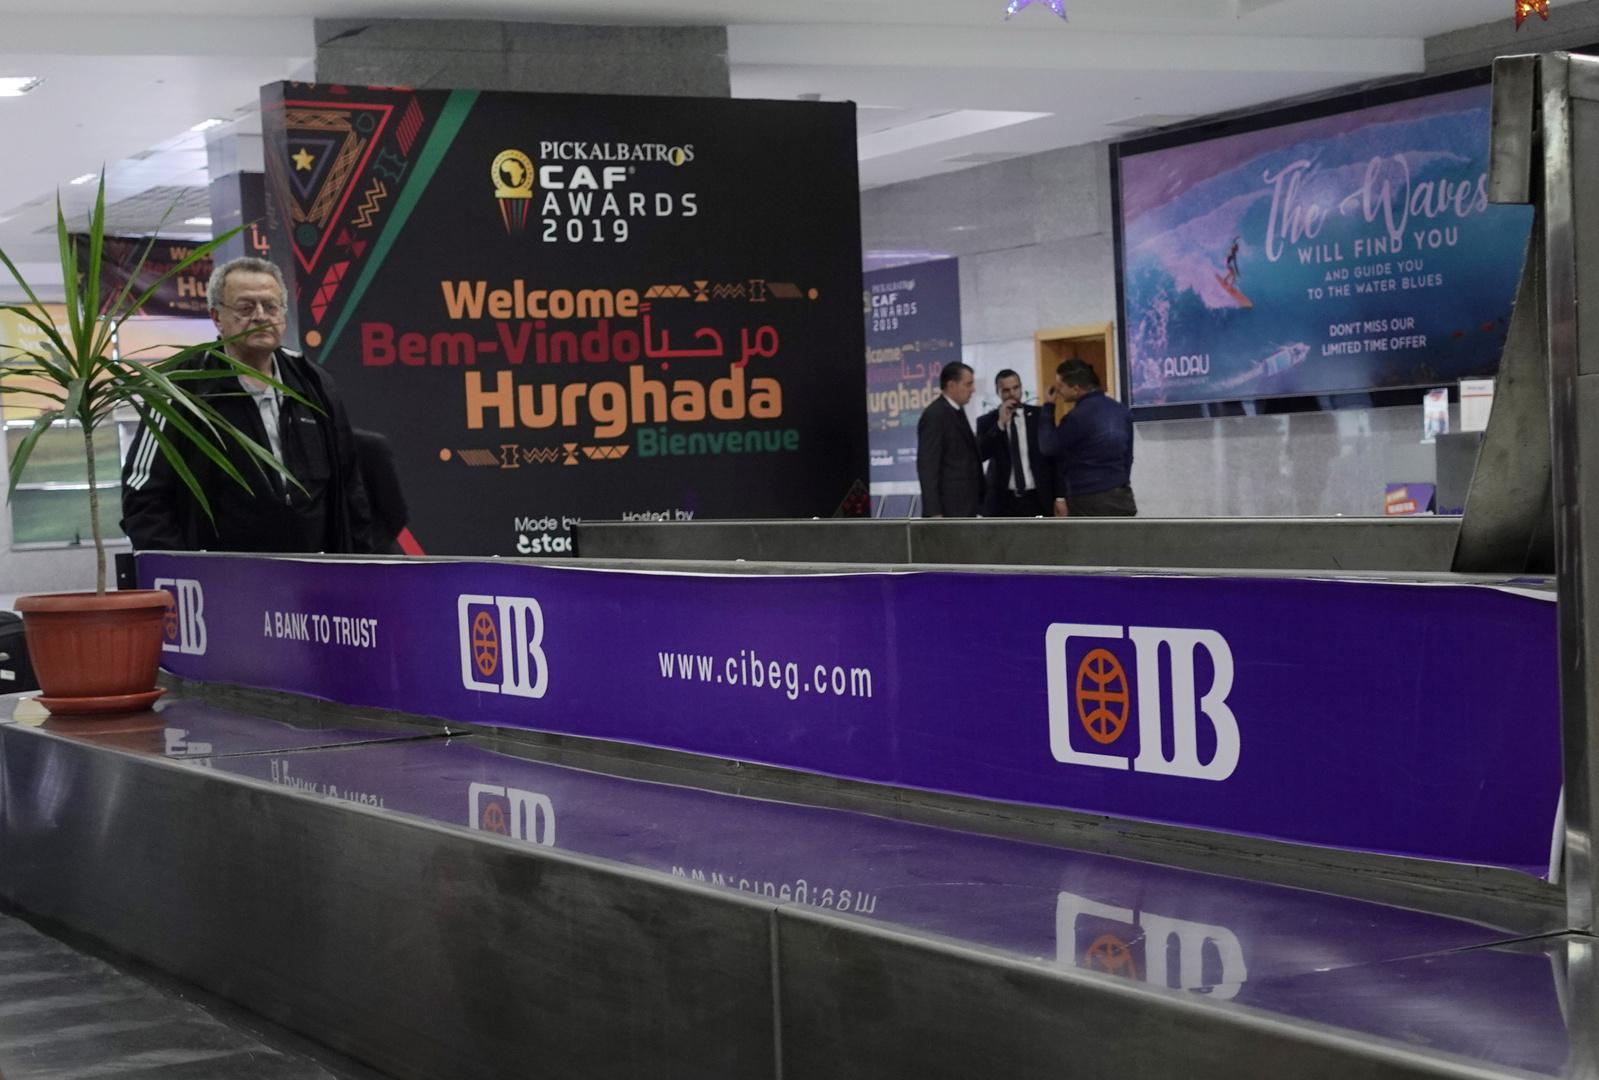 وسائل إعلام: وفد روسي يتفقد مطار الغردقة وتوقعات باستئناف الرحلات السياحية قريبا